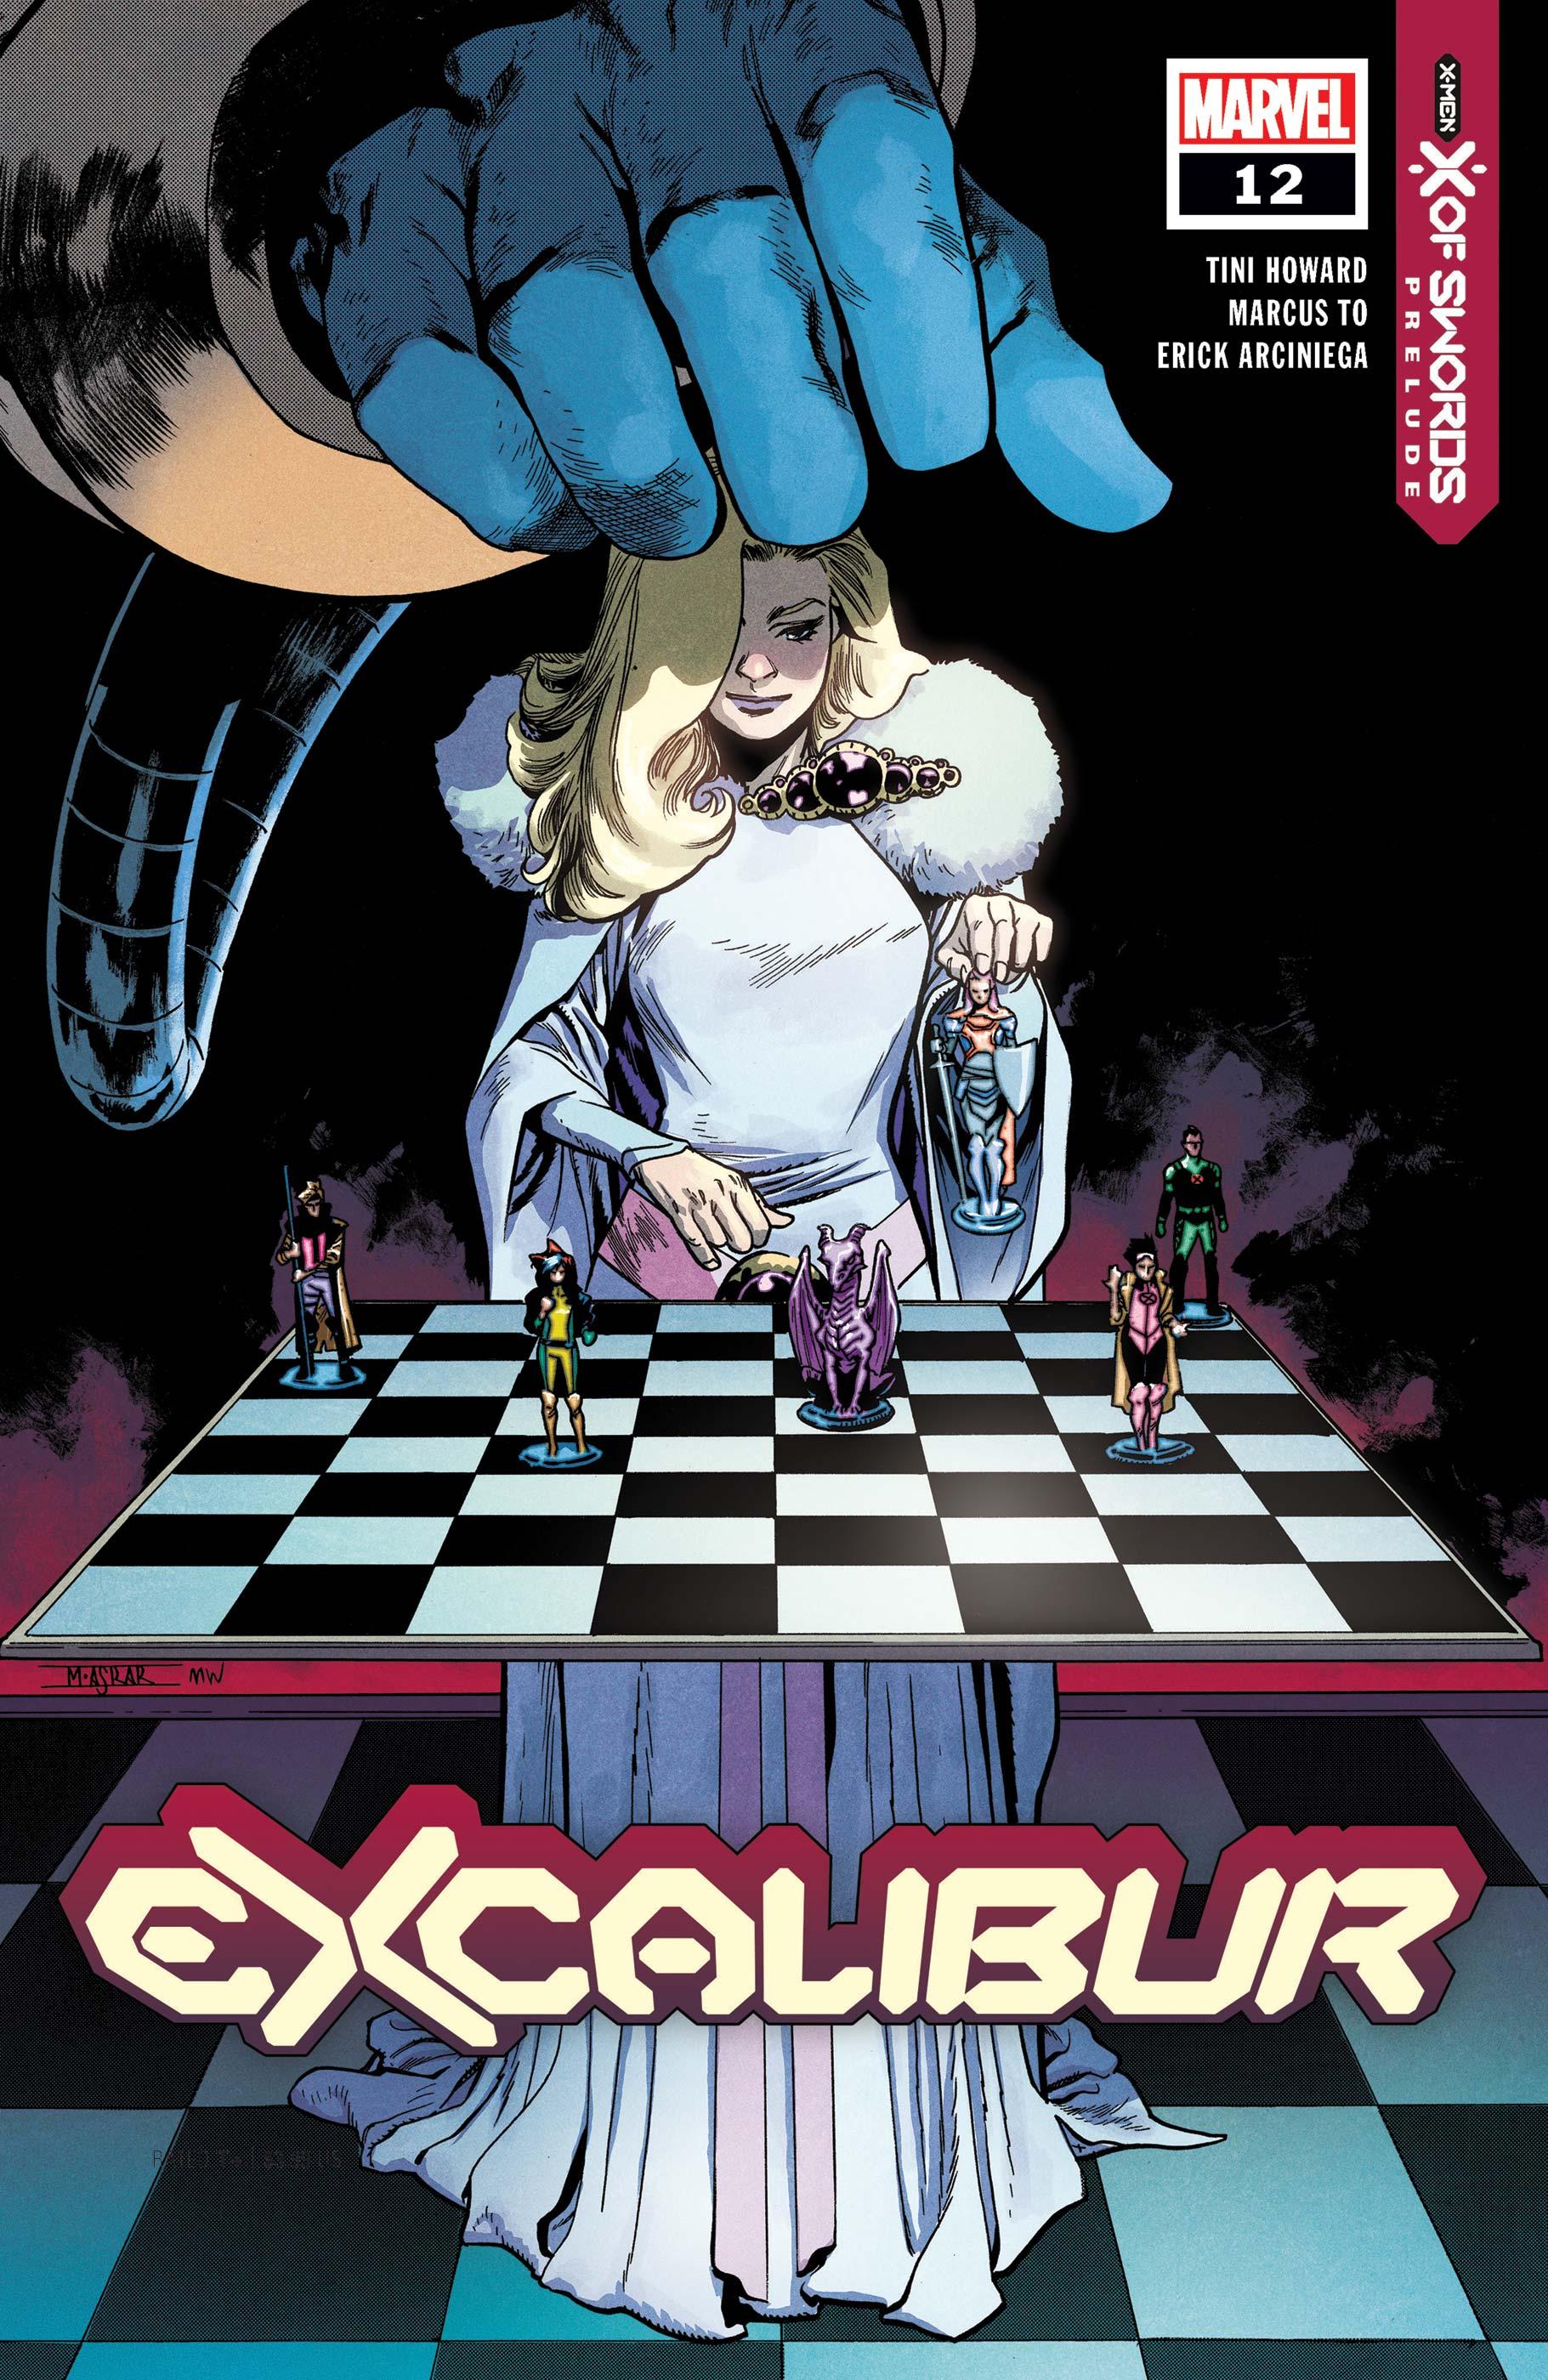 Excalibur (2019) #12